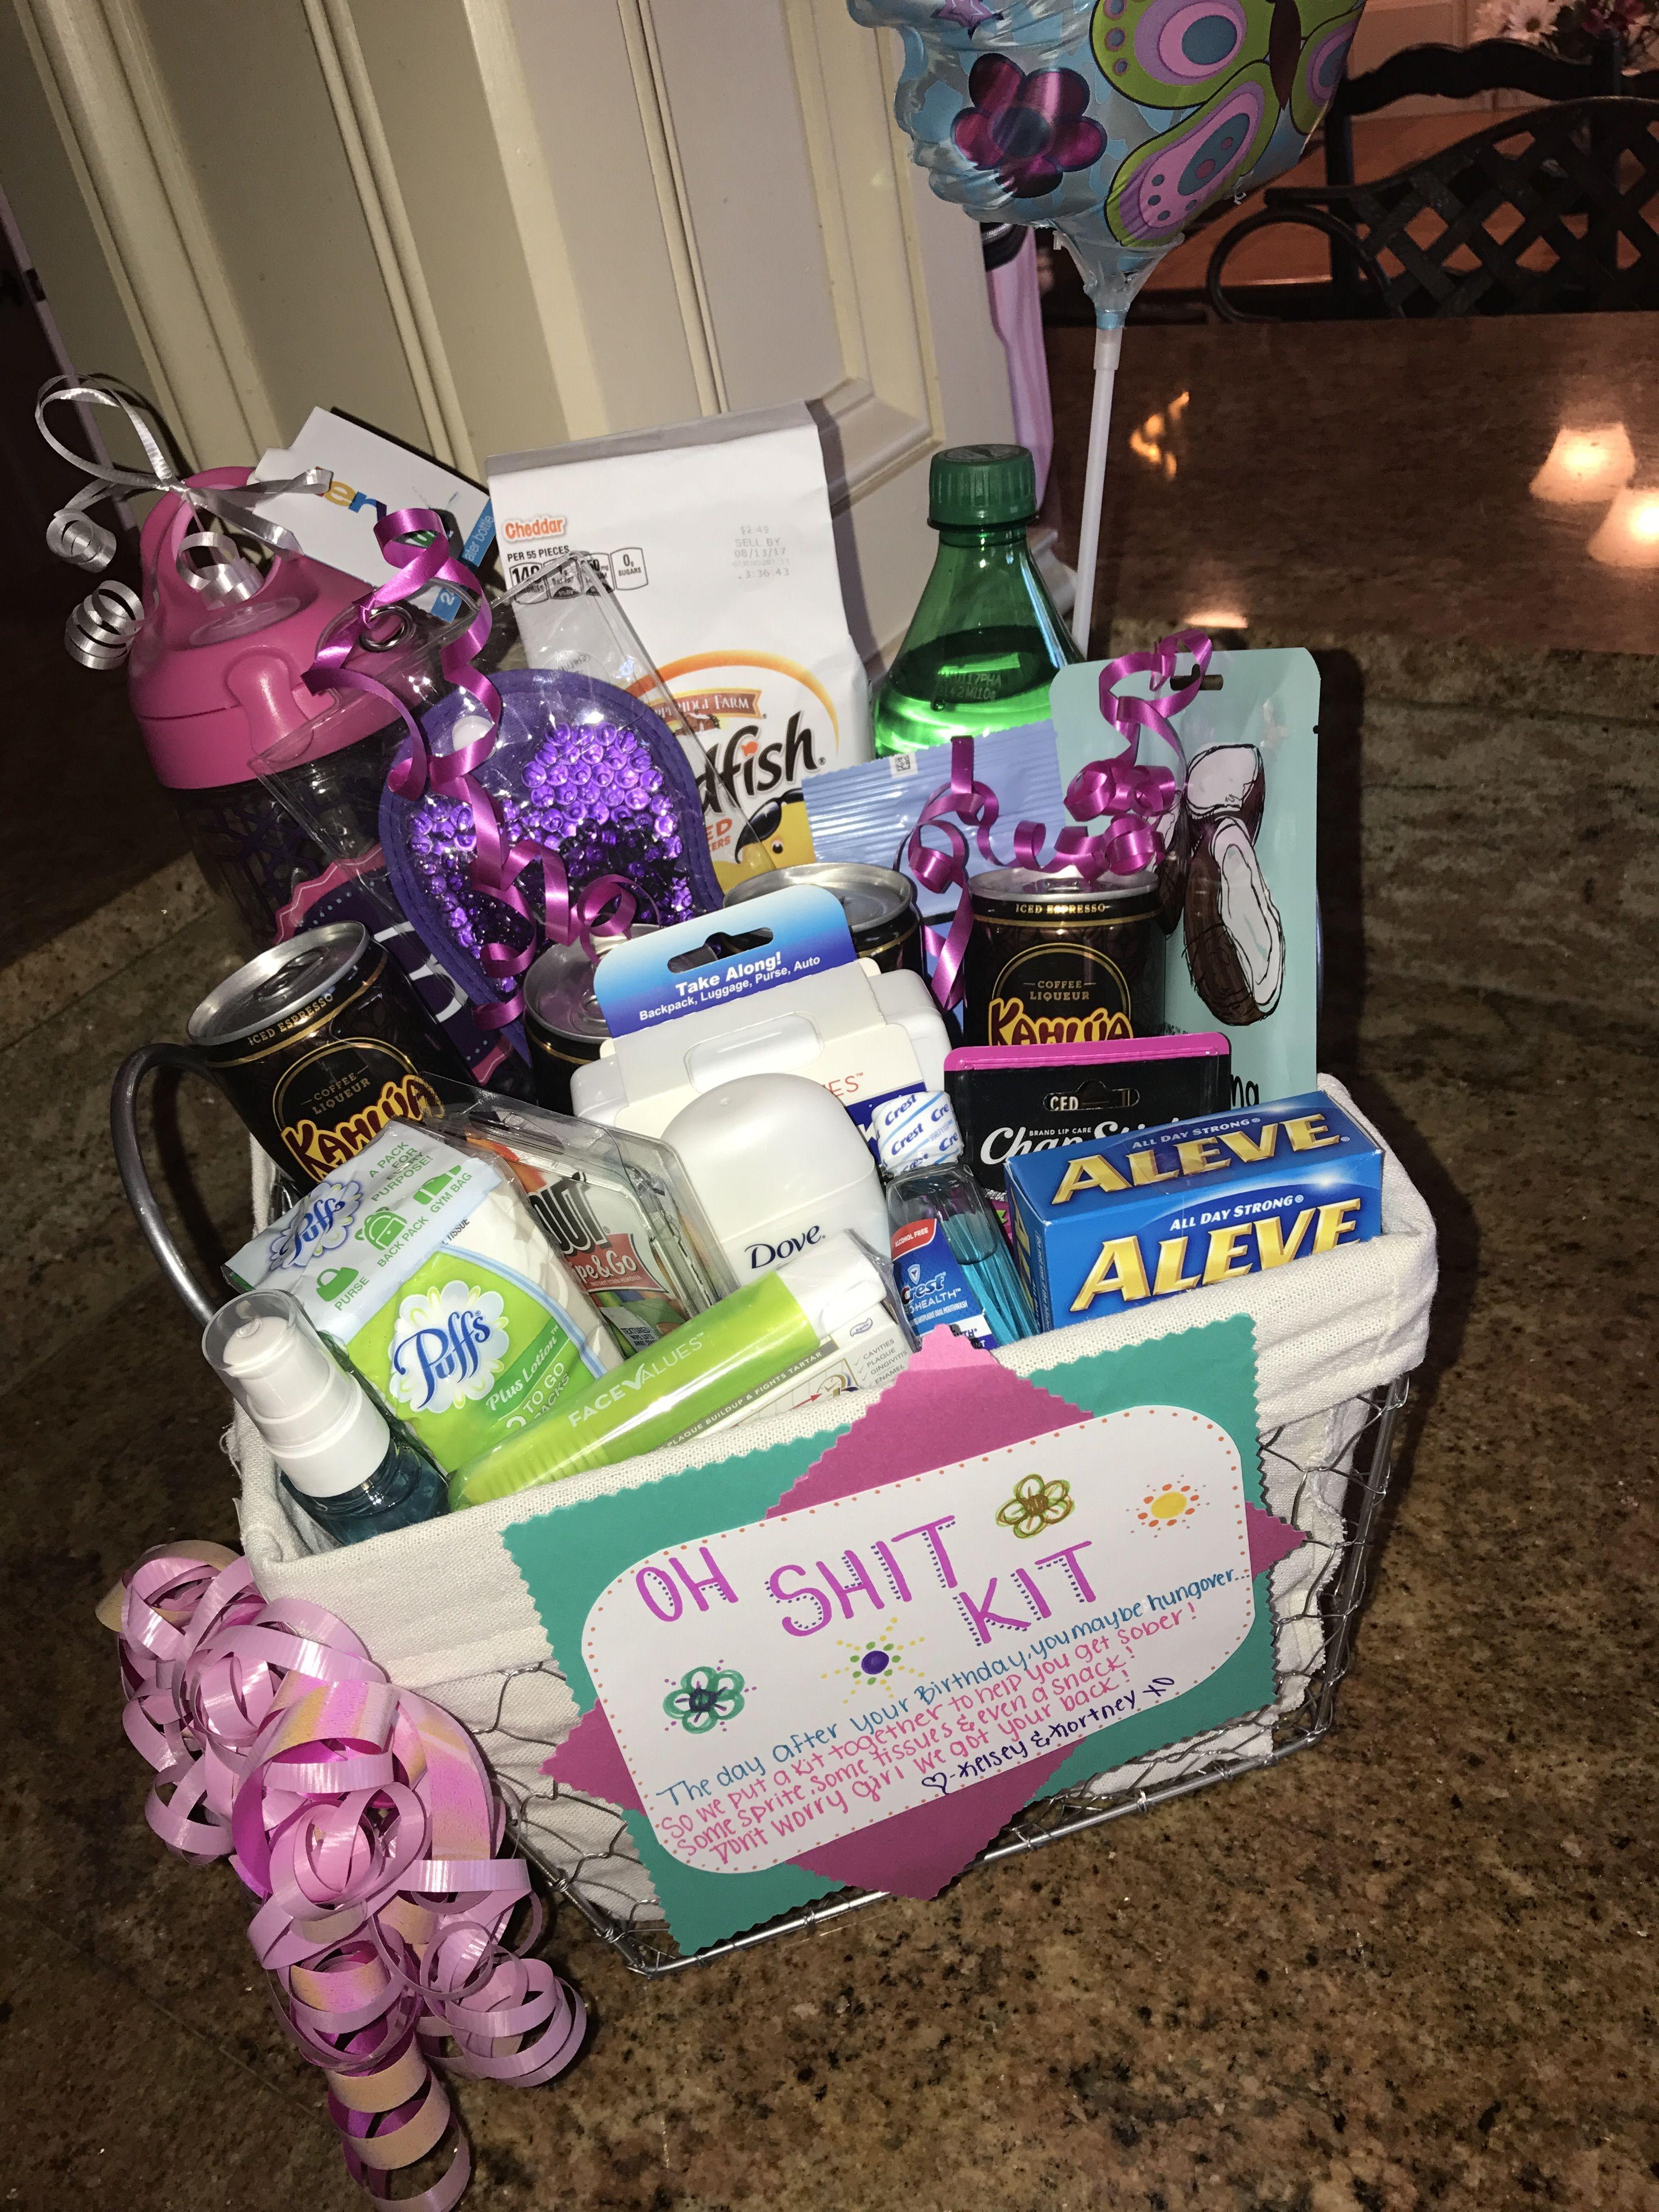 21st birthday oh shit kit home 21st birthday gifts